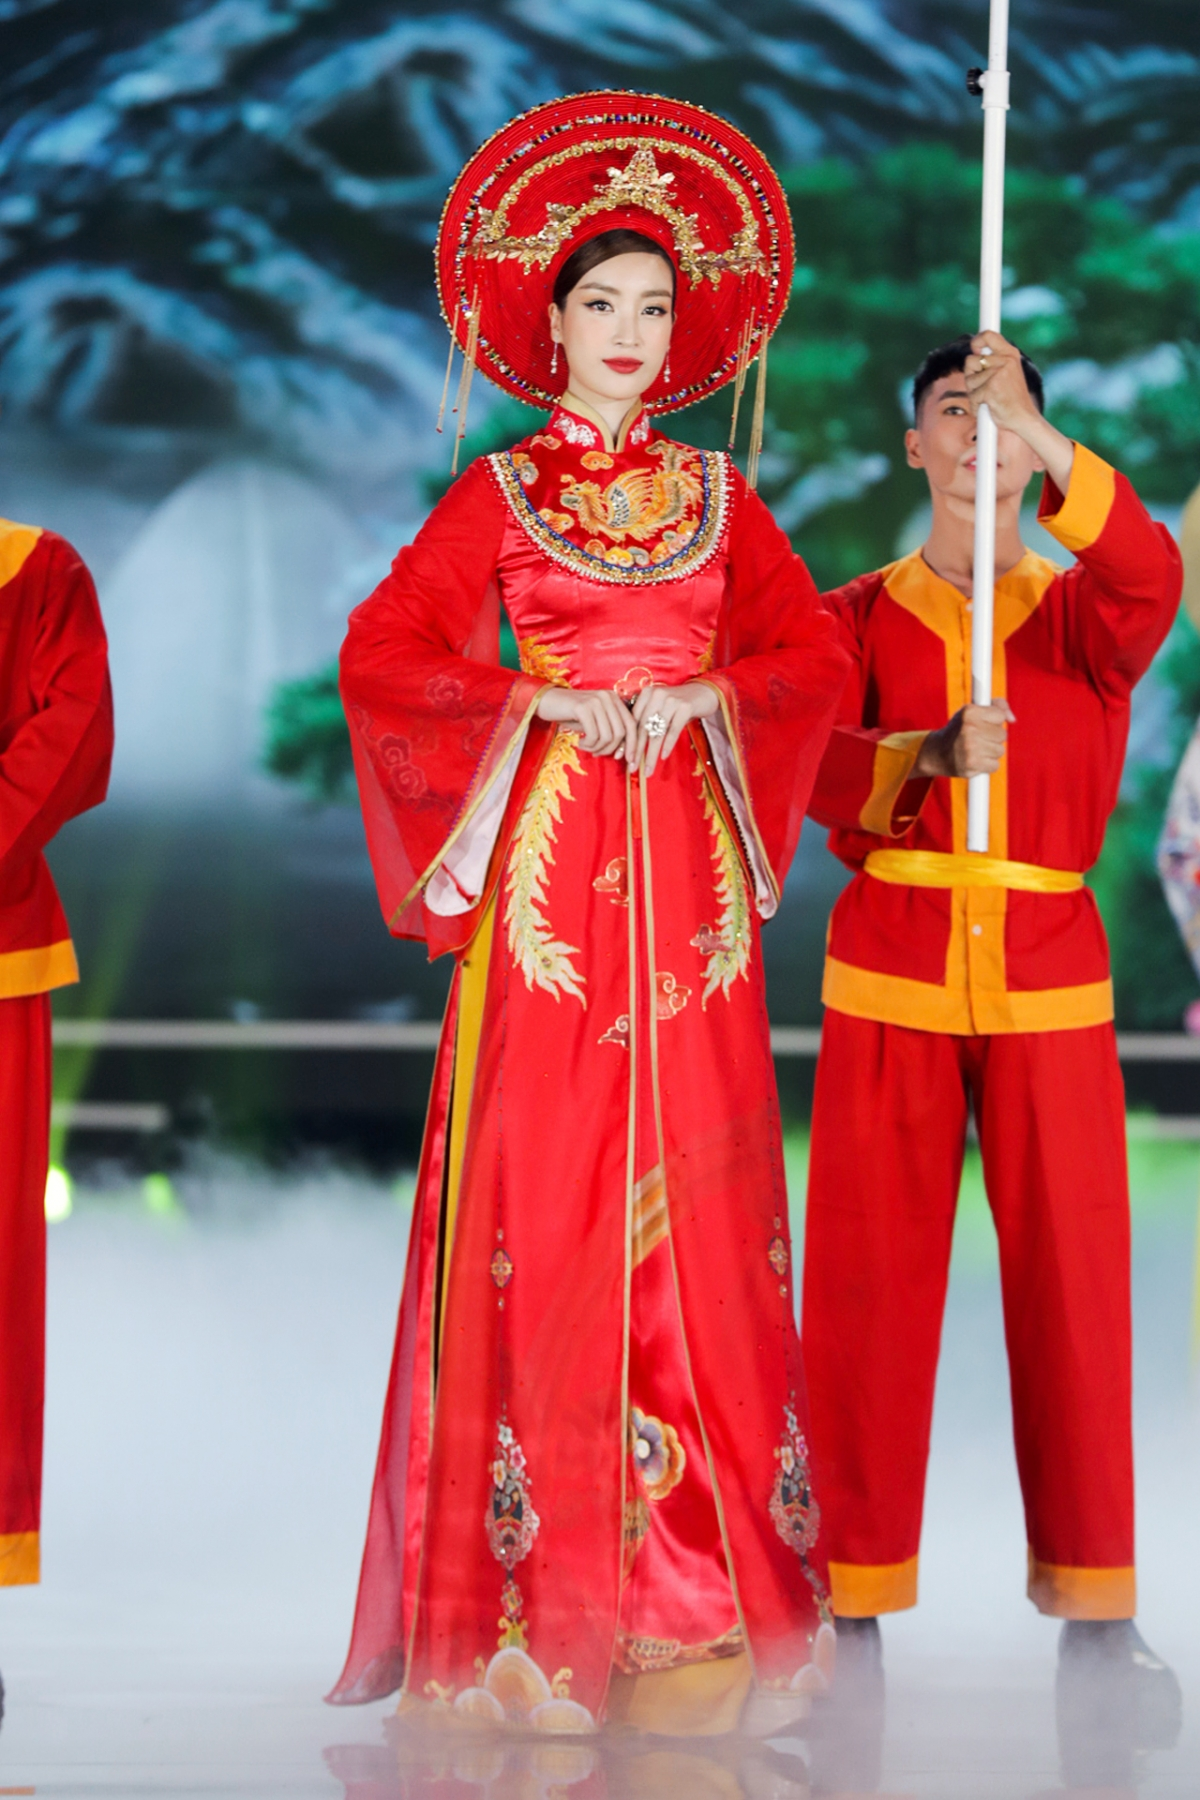 """2016 đánh dấu nền du lịch Việt Nam đạt kỷ lục đón 10 triệu lượt du khách quốc tế. """"Thực hành tín ngưỡng thờ Mẫu tam phủ của người Việt"""" cũng được công nhận là Di sản Văn hóa Phi vật thể đại diện của nhân loại vào năm Mỹ Linh đăng quang."""